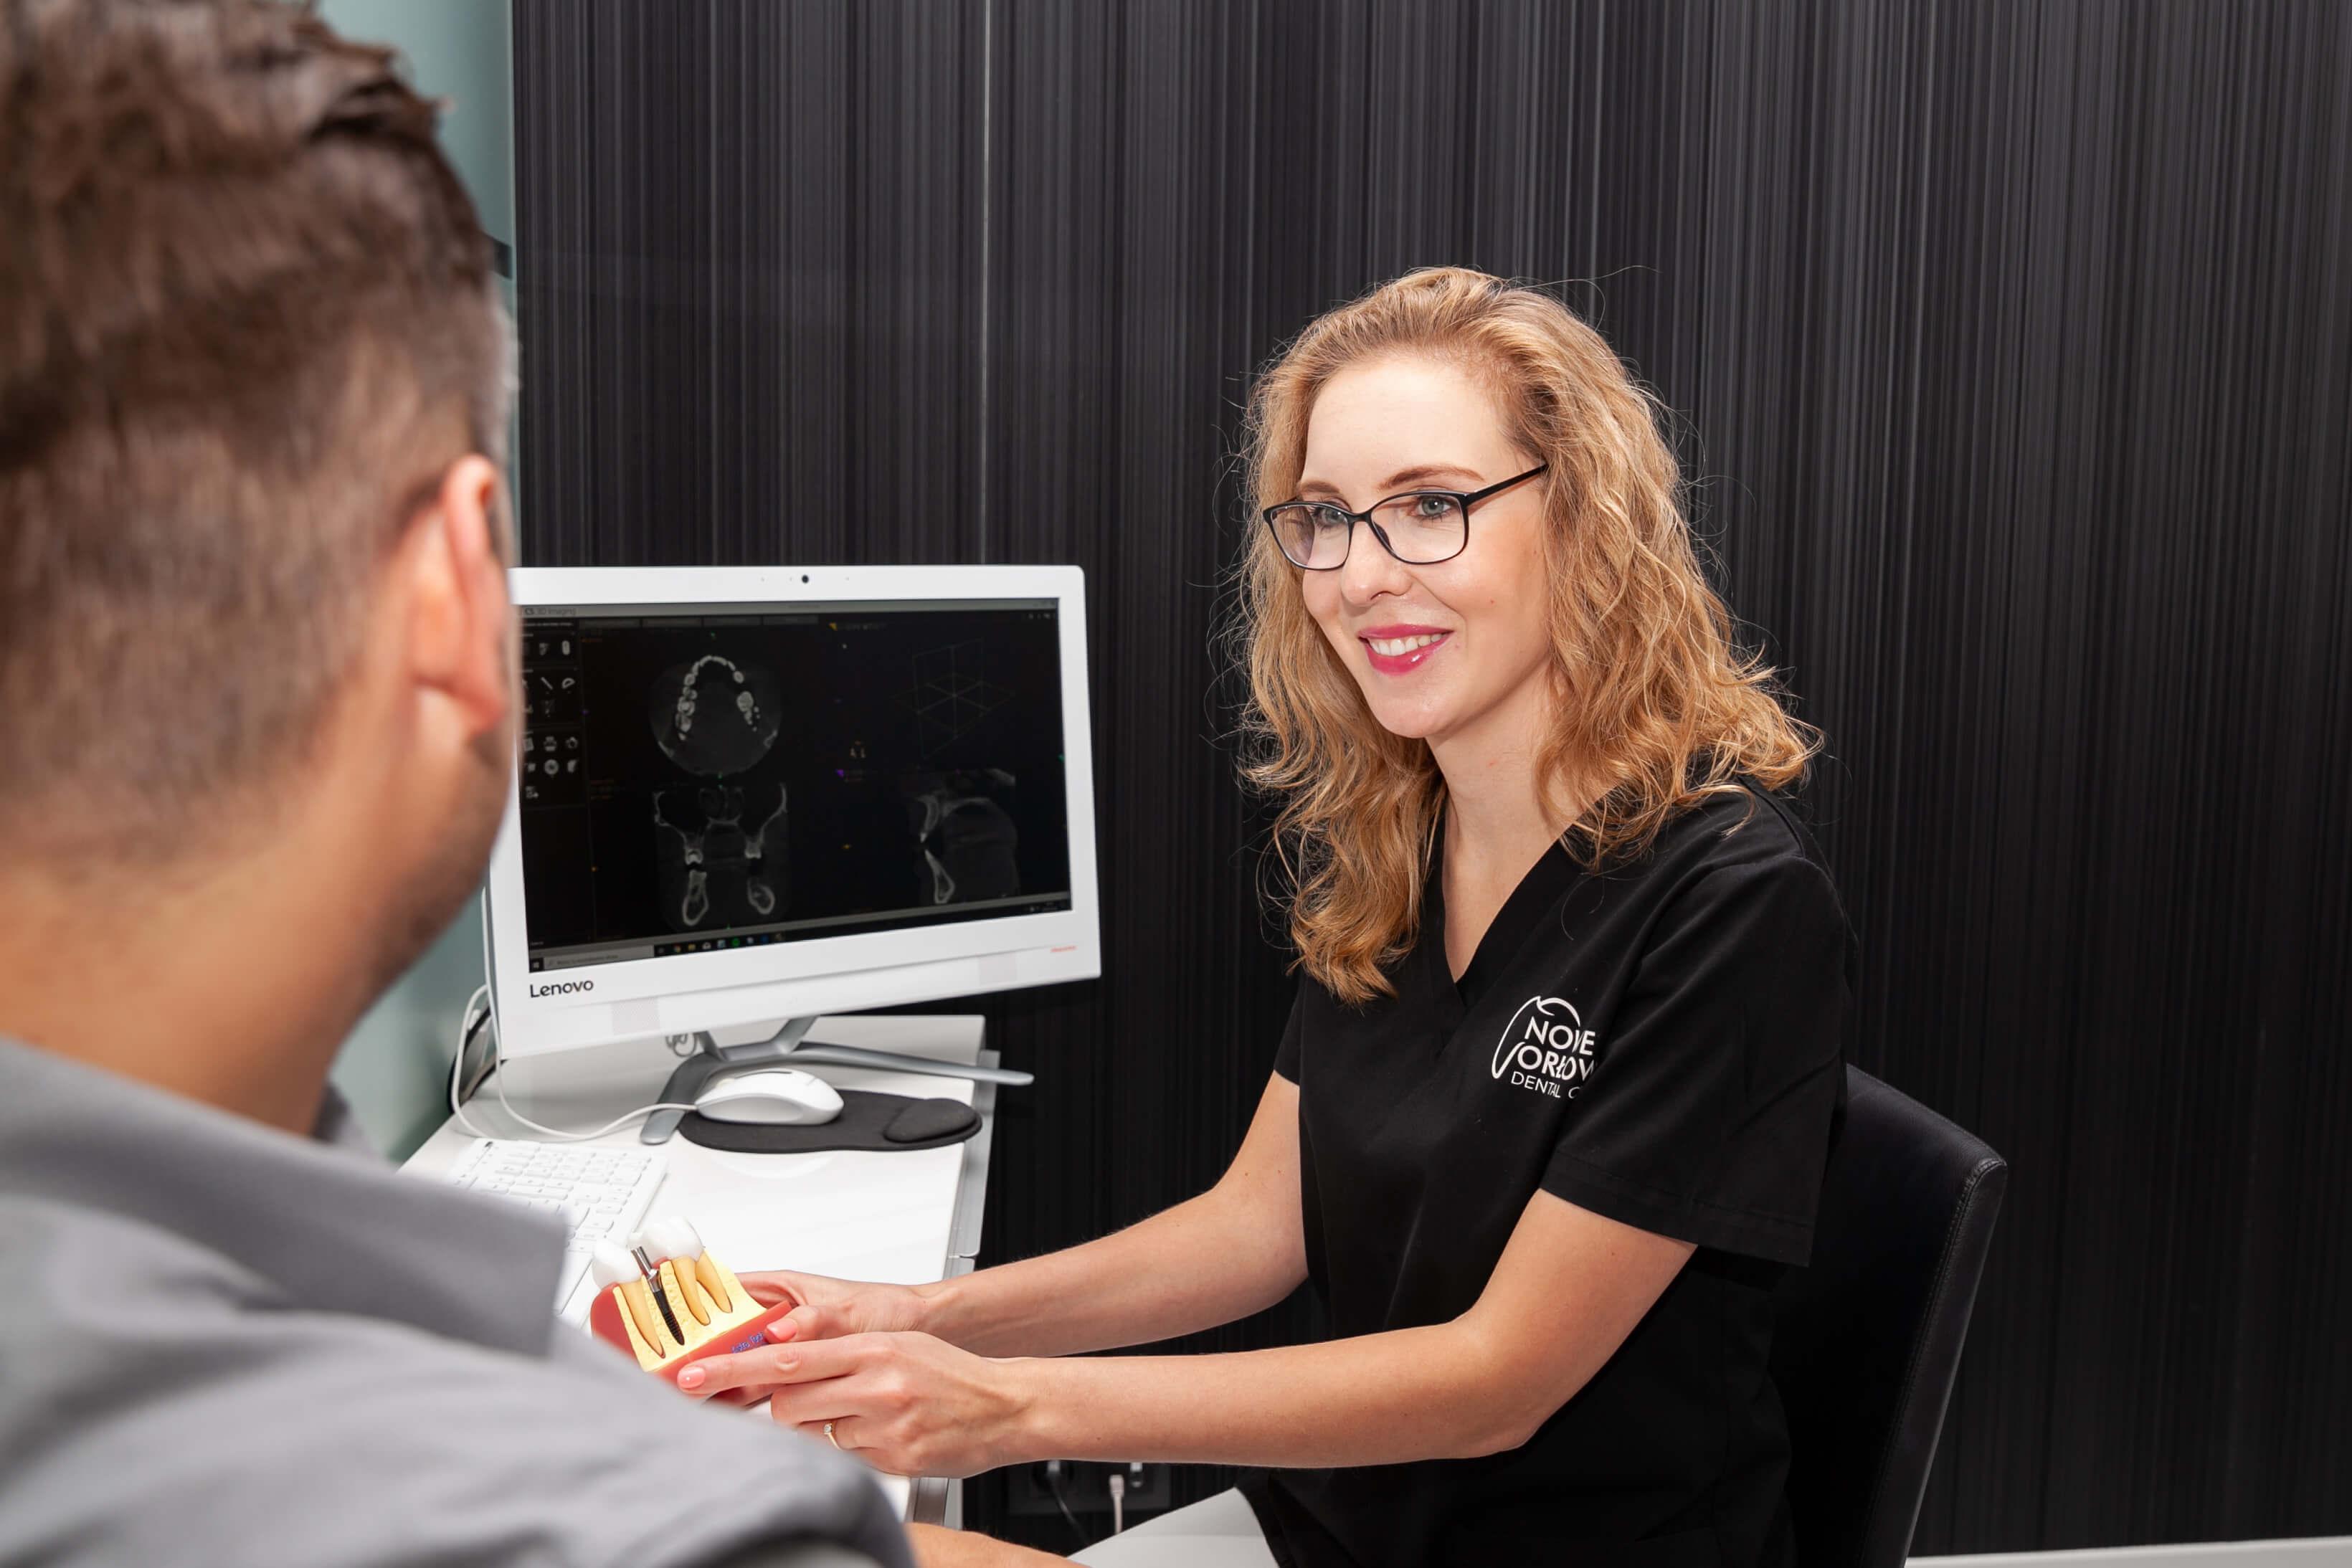 Nowe Orłowo Dental clinic 4 - Nowe Orłowo Dental Clinic – klinika godna zaufania